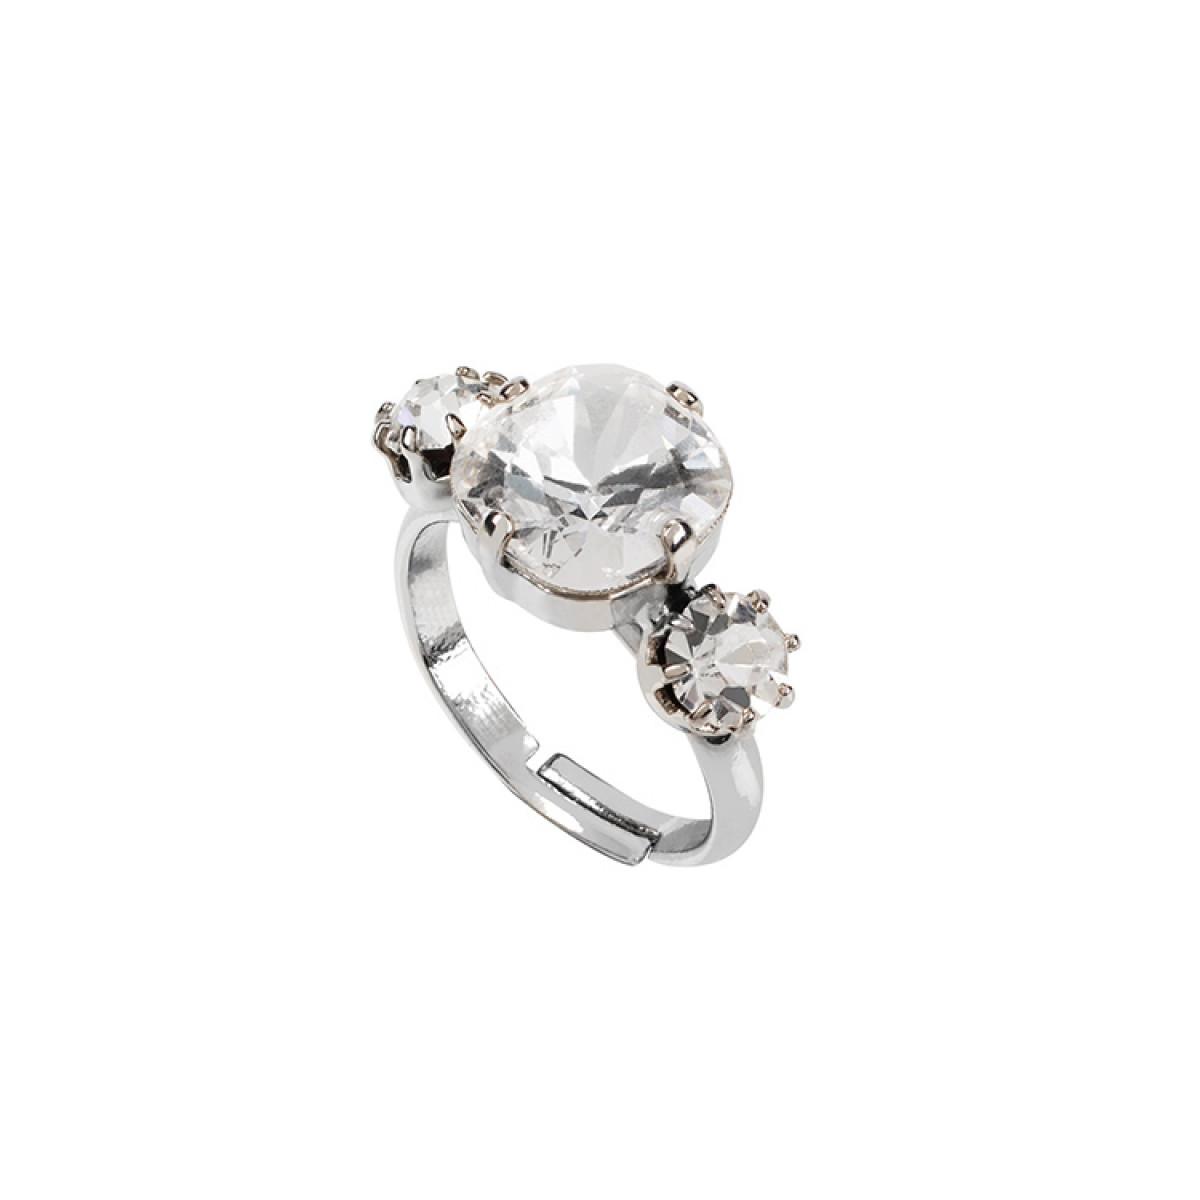 Réplica do anel de noivado de Meghan